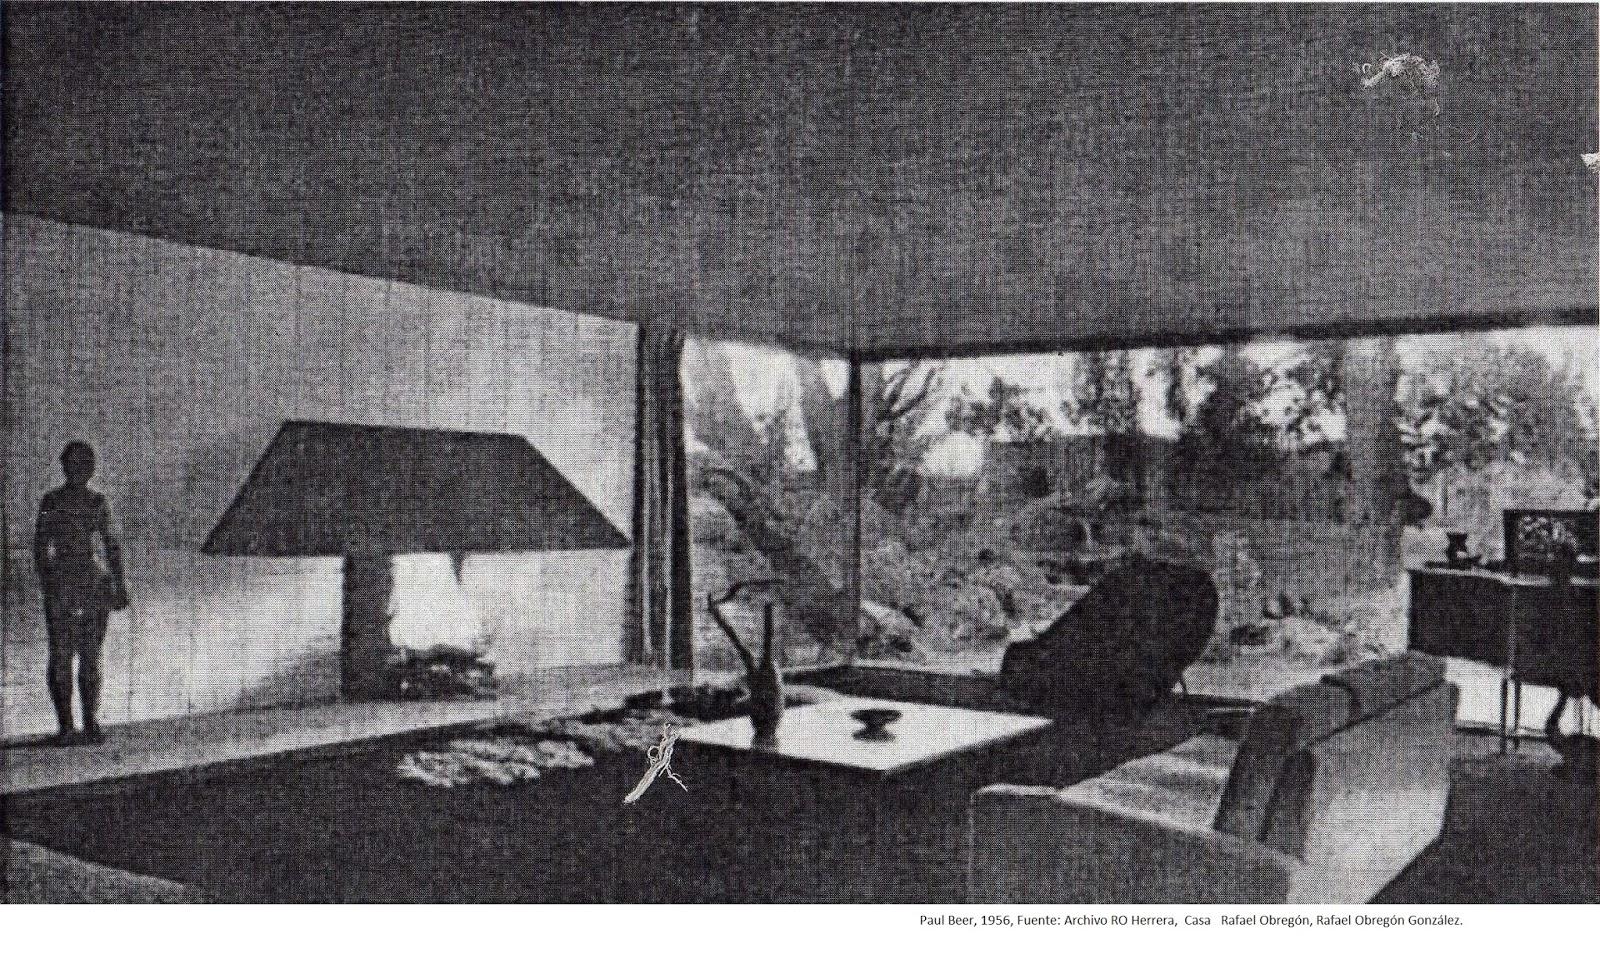 Historia de la arquitectura moderna casa obregon rafael for Inicios de la arquitectura